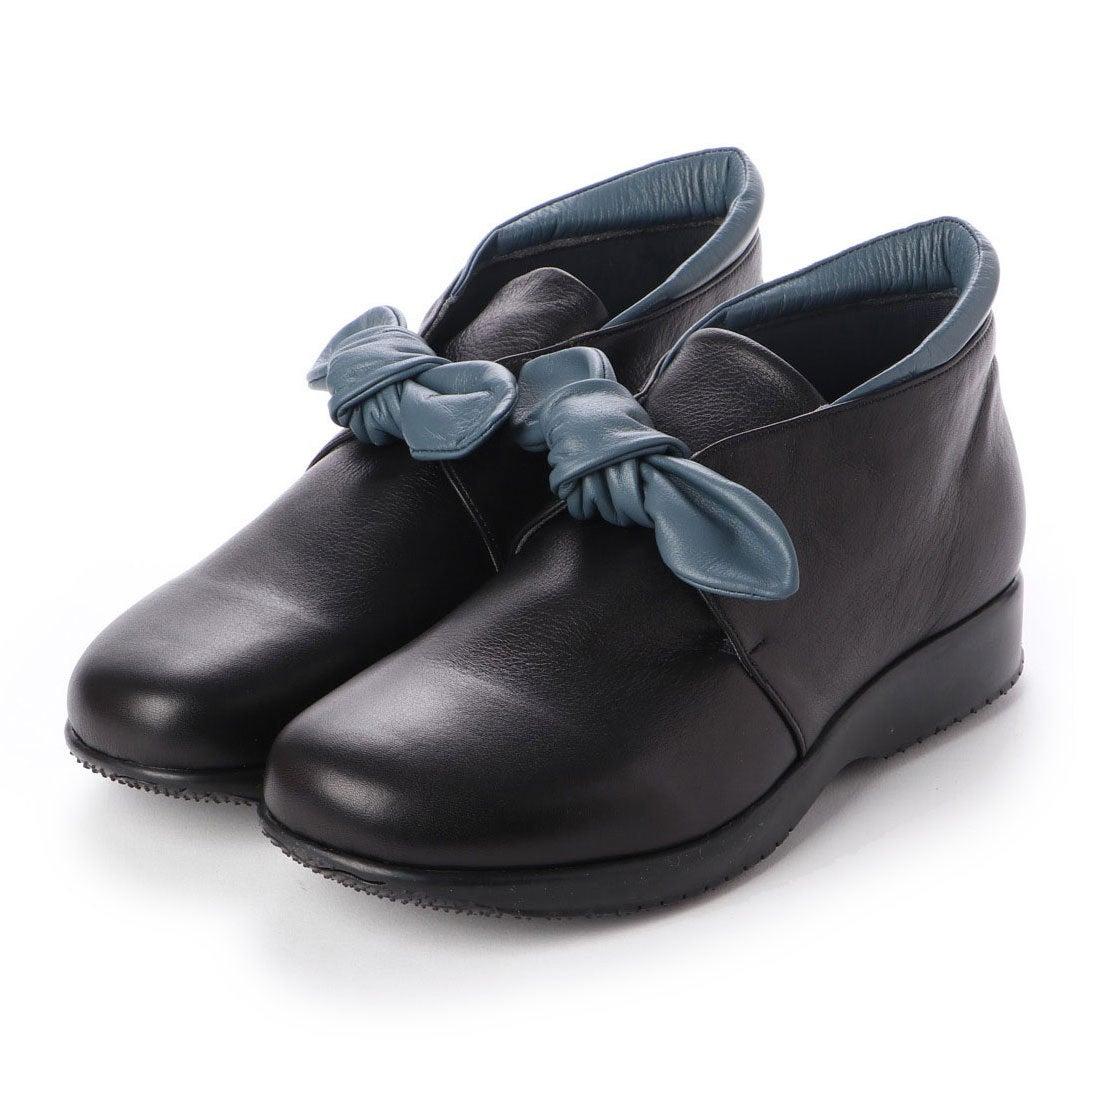 ロコンド 靴とファッションの通販サイトウォーカーヒル Walker Hill 大人かわいいリボン 雲の上のはき心地4E コンフォートシューズ (ブラック/ネイビーC)